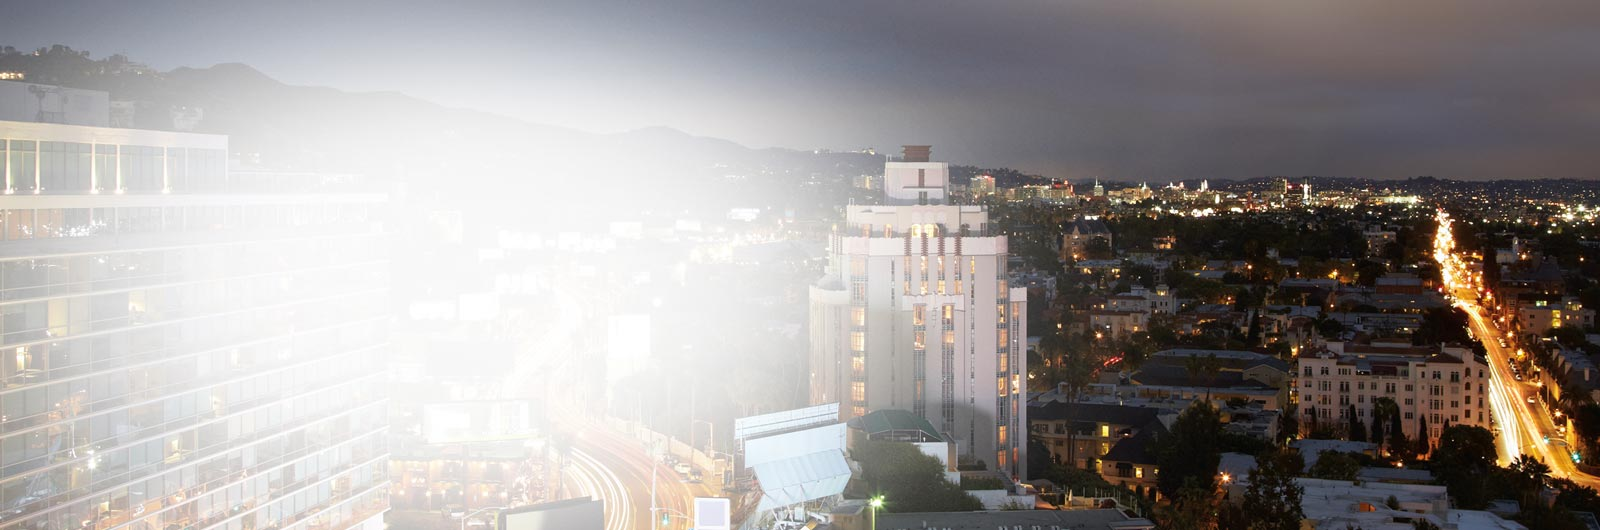 Noční snímek velkoměsta. Přečtěte si příběhy zákazníků Exchange z celého světa.